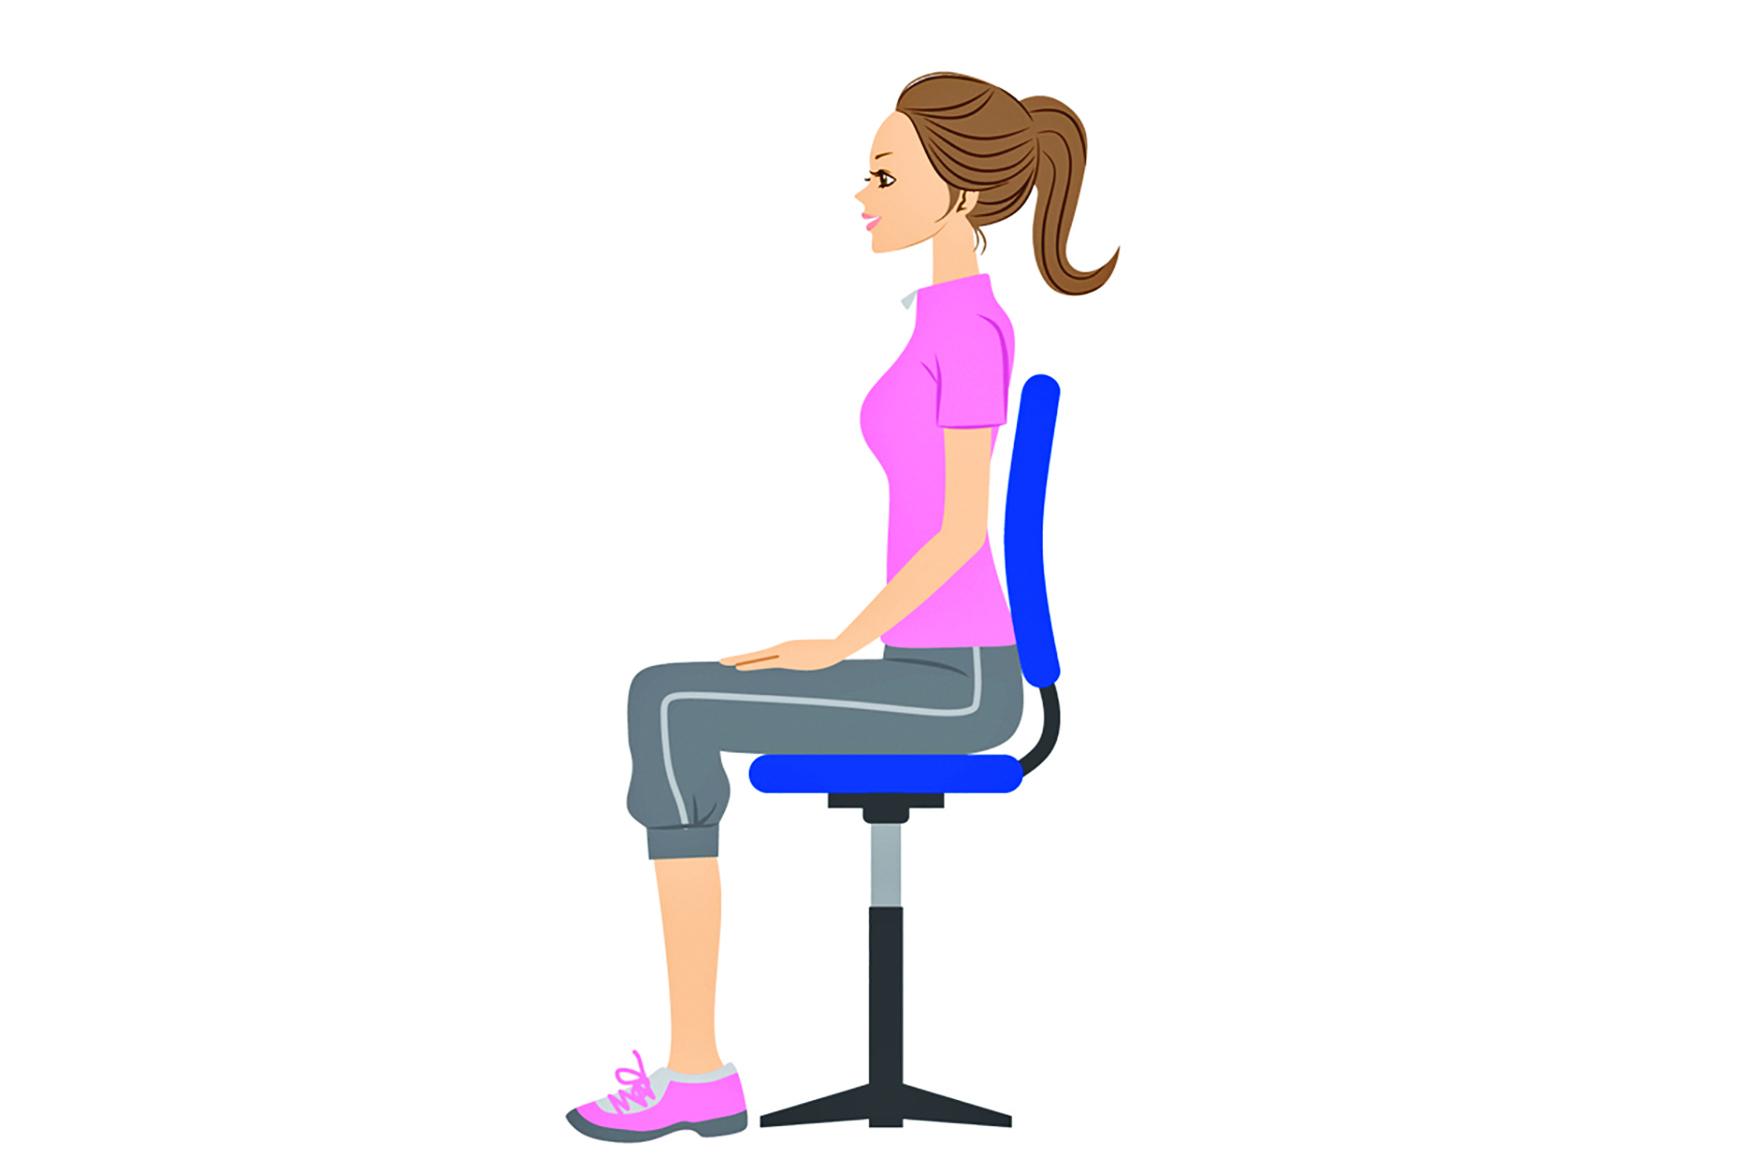 養成良好的姿勢,能避免對膝蓋等身體特定部位造成負擔。